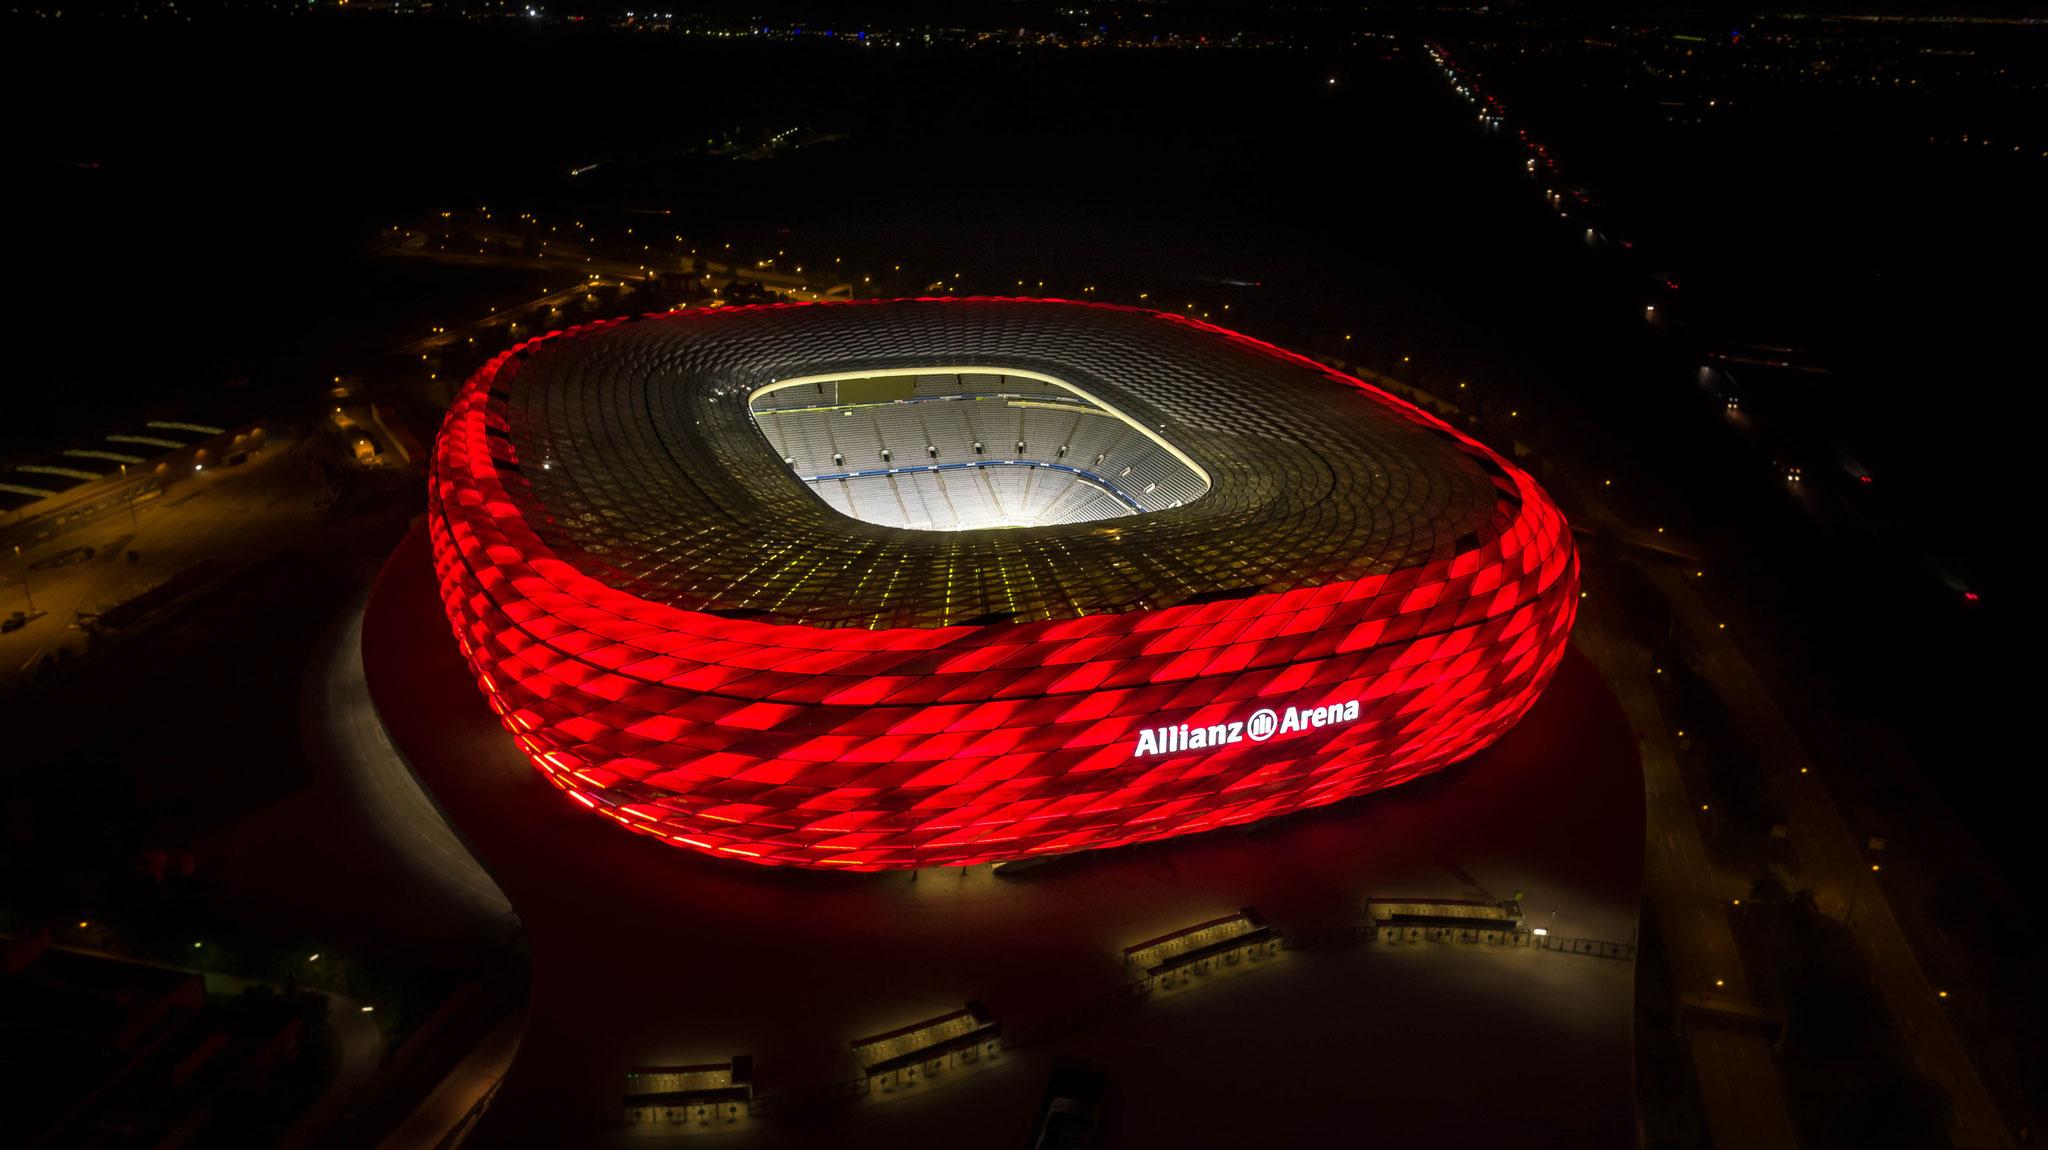 Luftaufnahme Allianz Arena, München